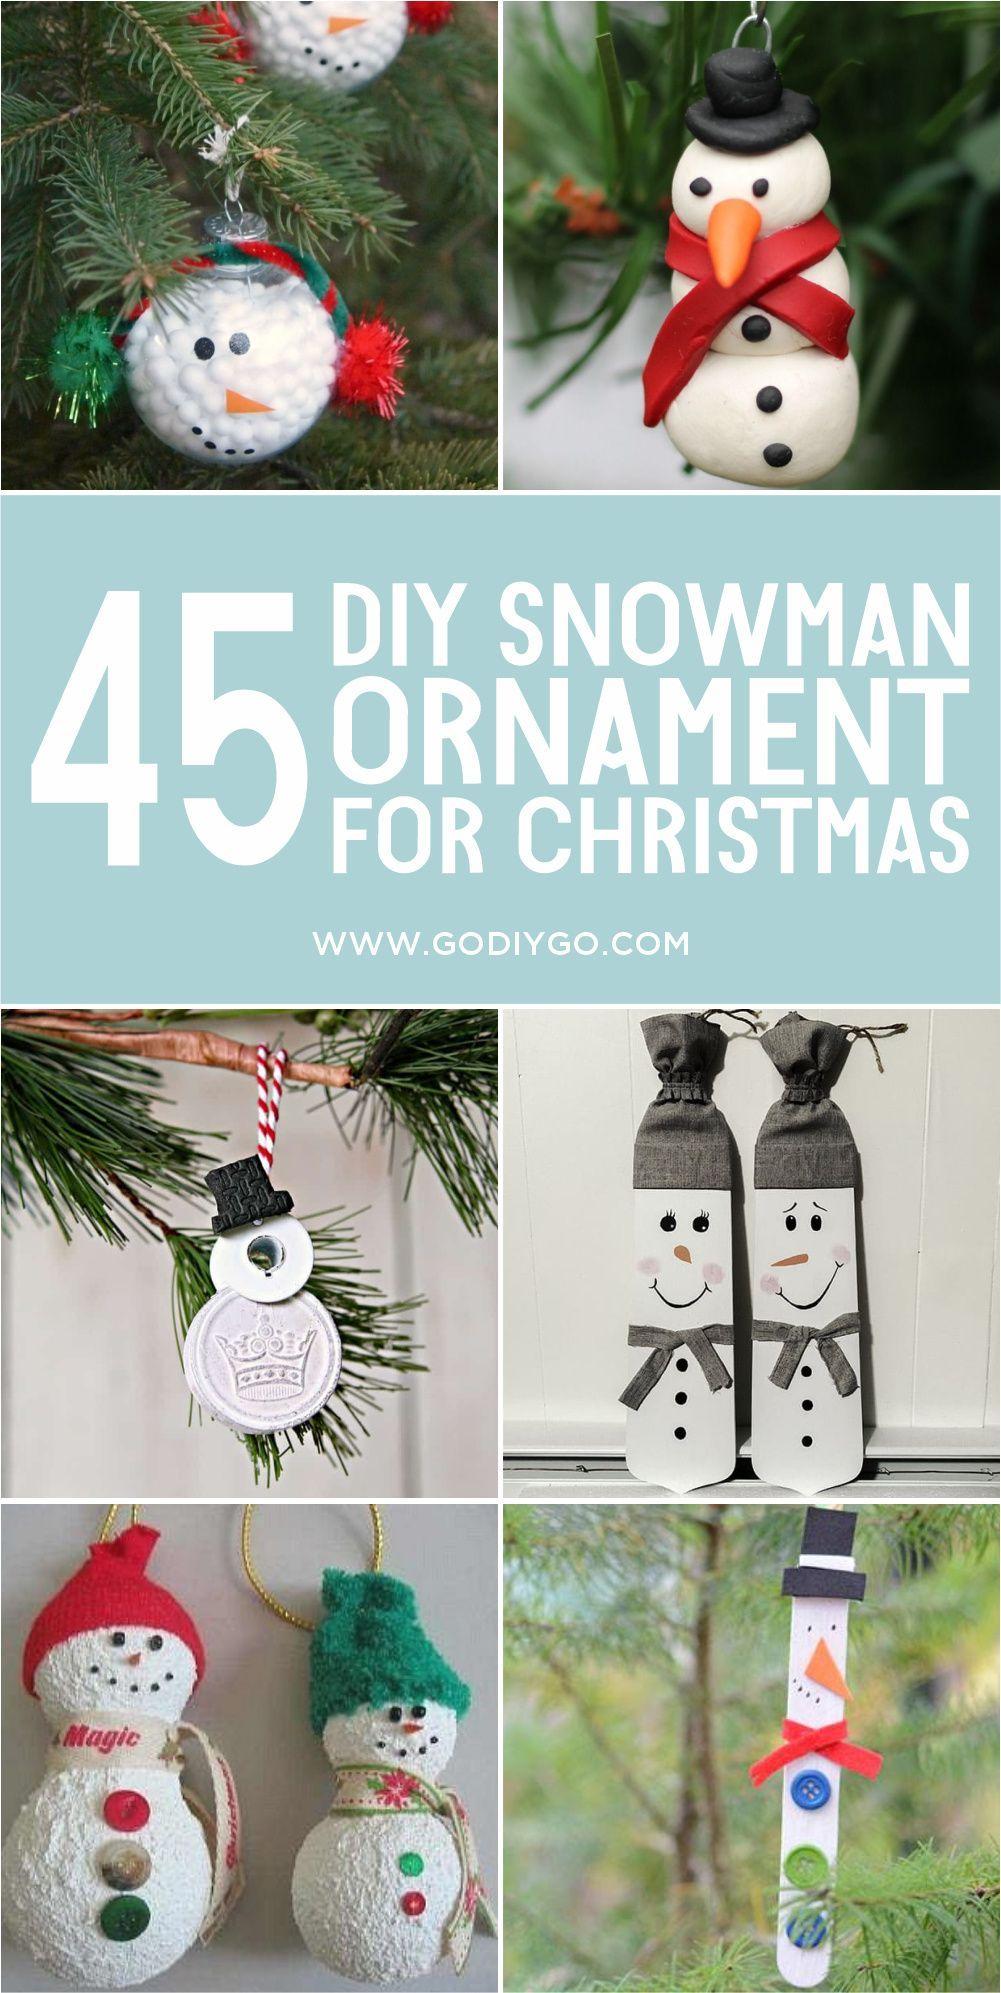 45 Diy Snowman Ornament For Christmas Godiygo Com Diy Snowman Ornaments Diy Snowman Ornaments